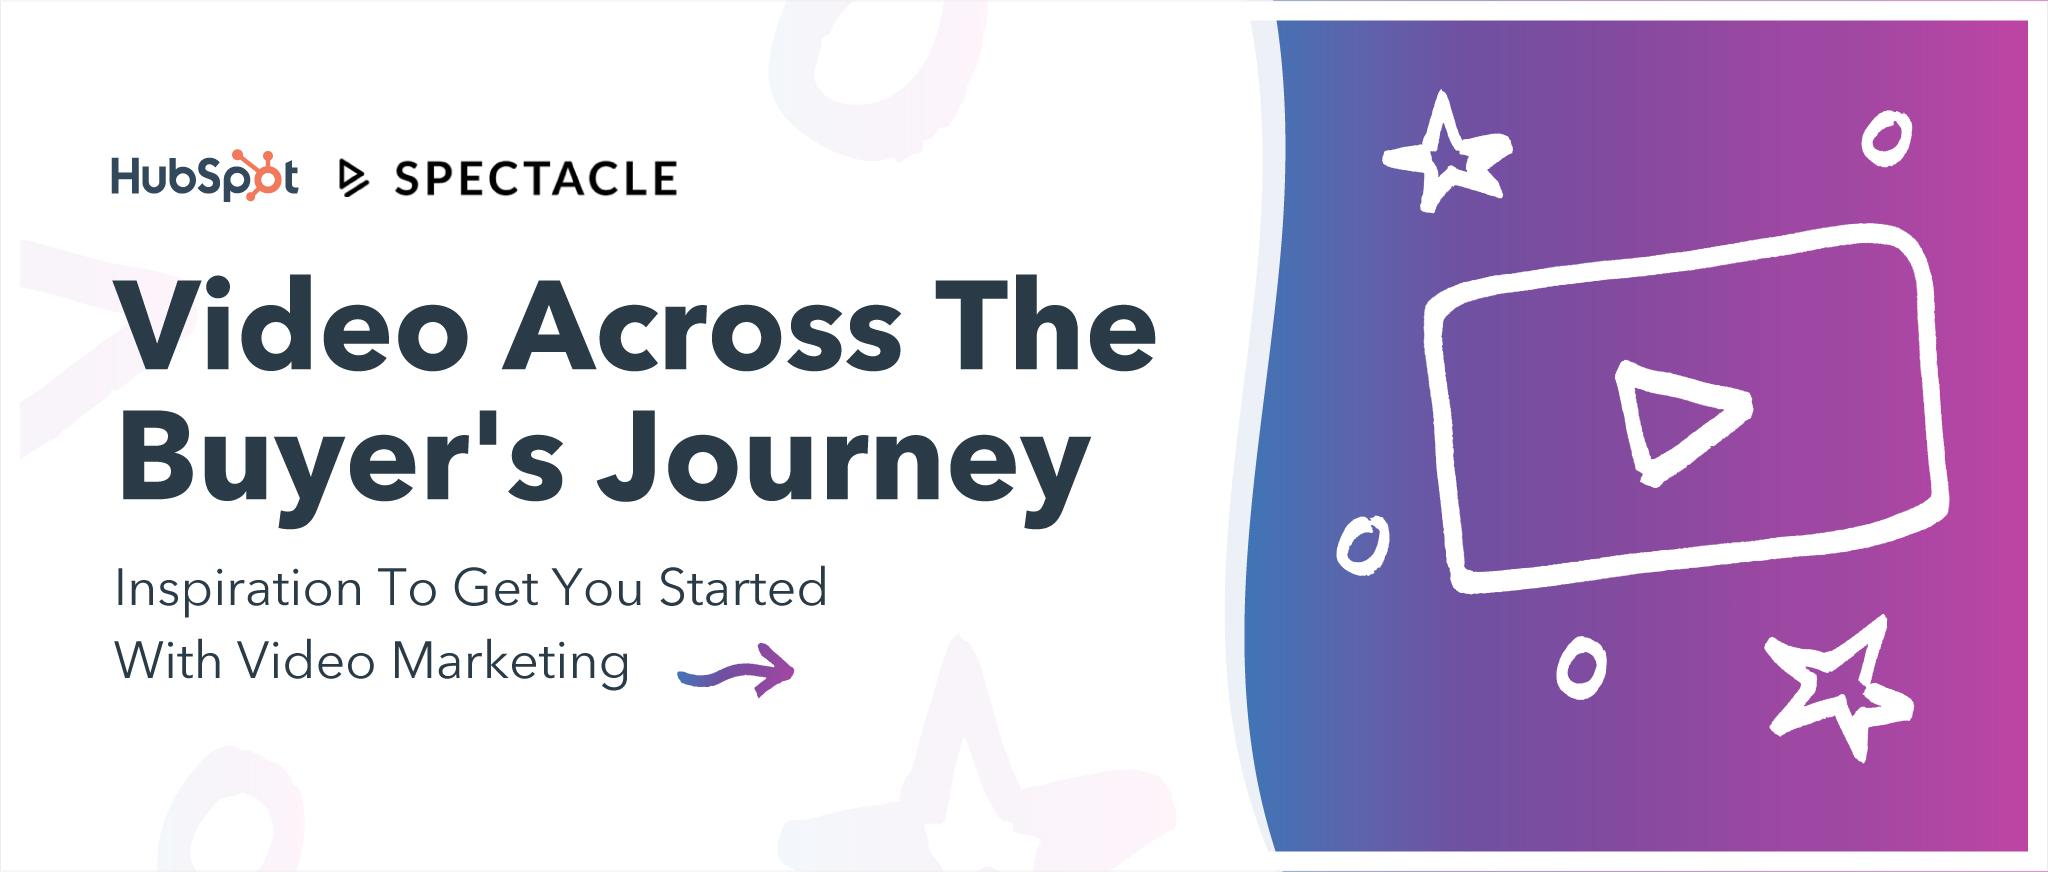 Video Across The Buyer's Journey